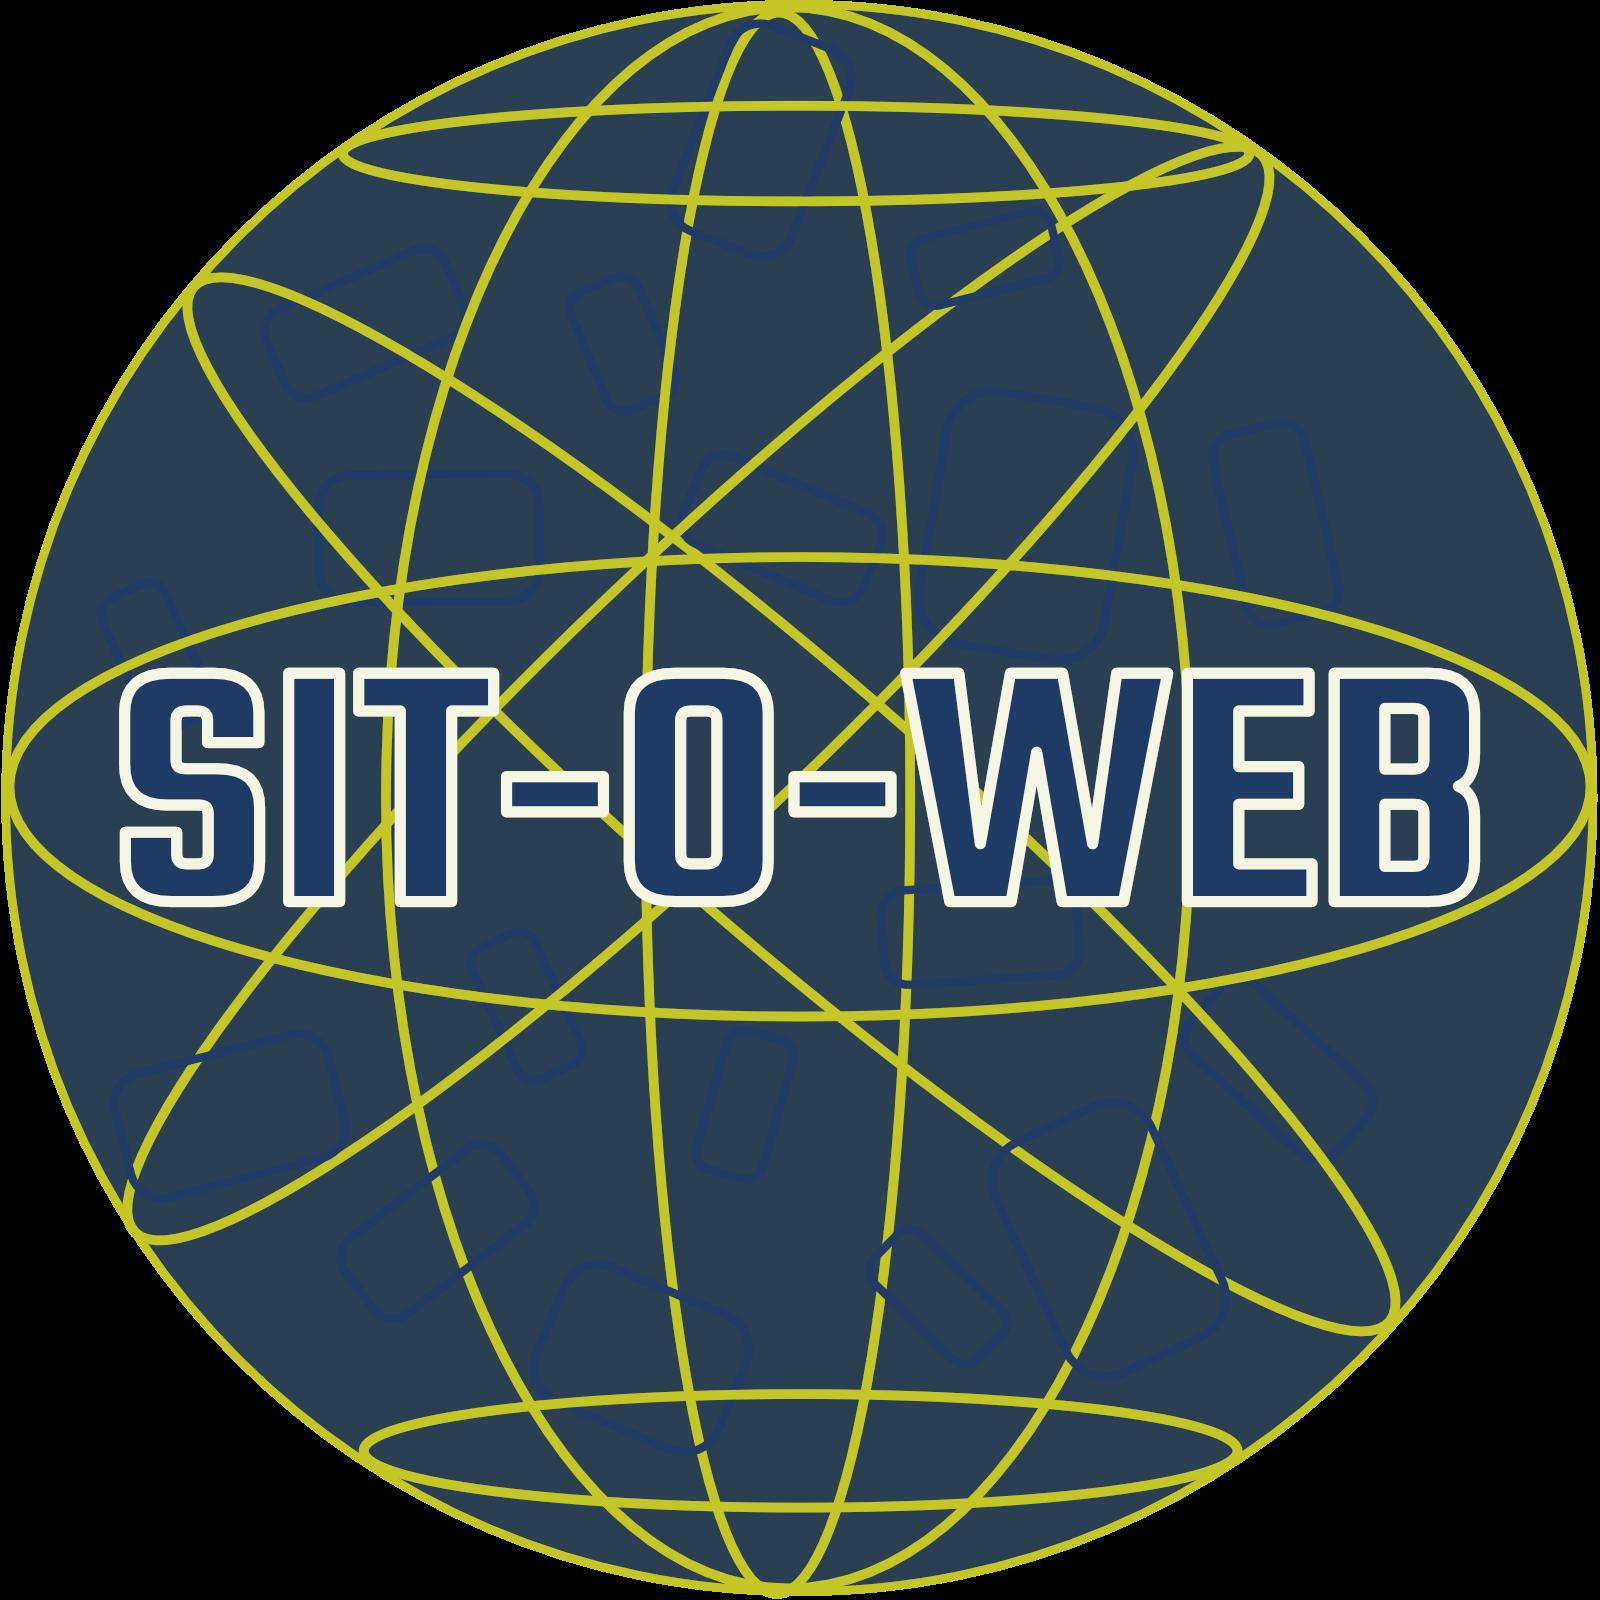 Sit-o-web